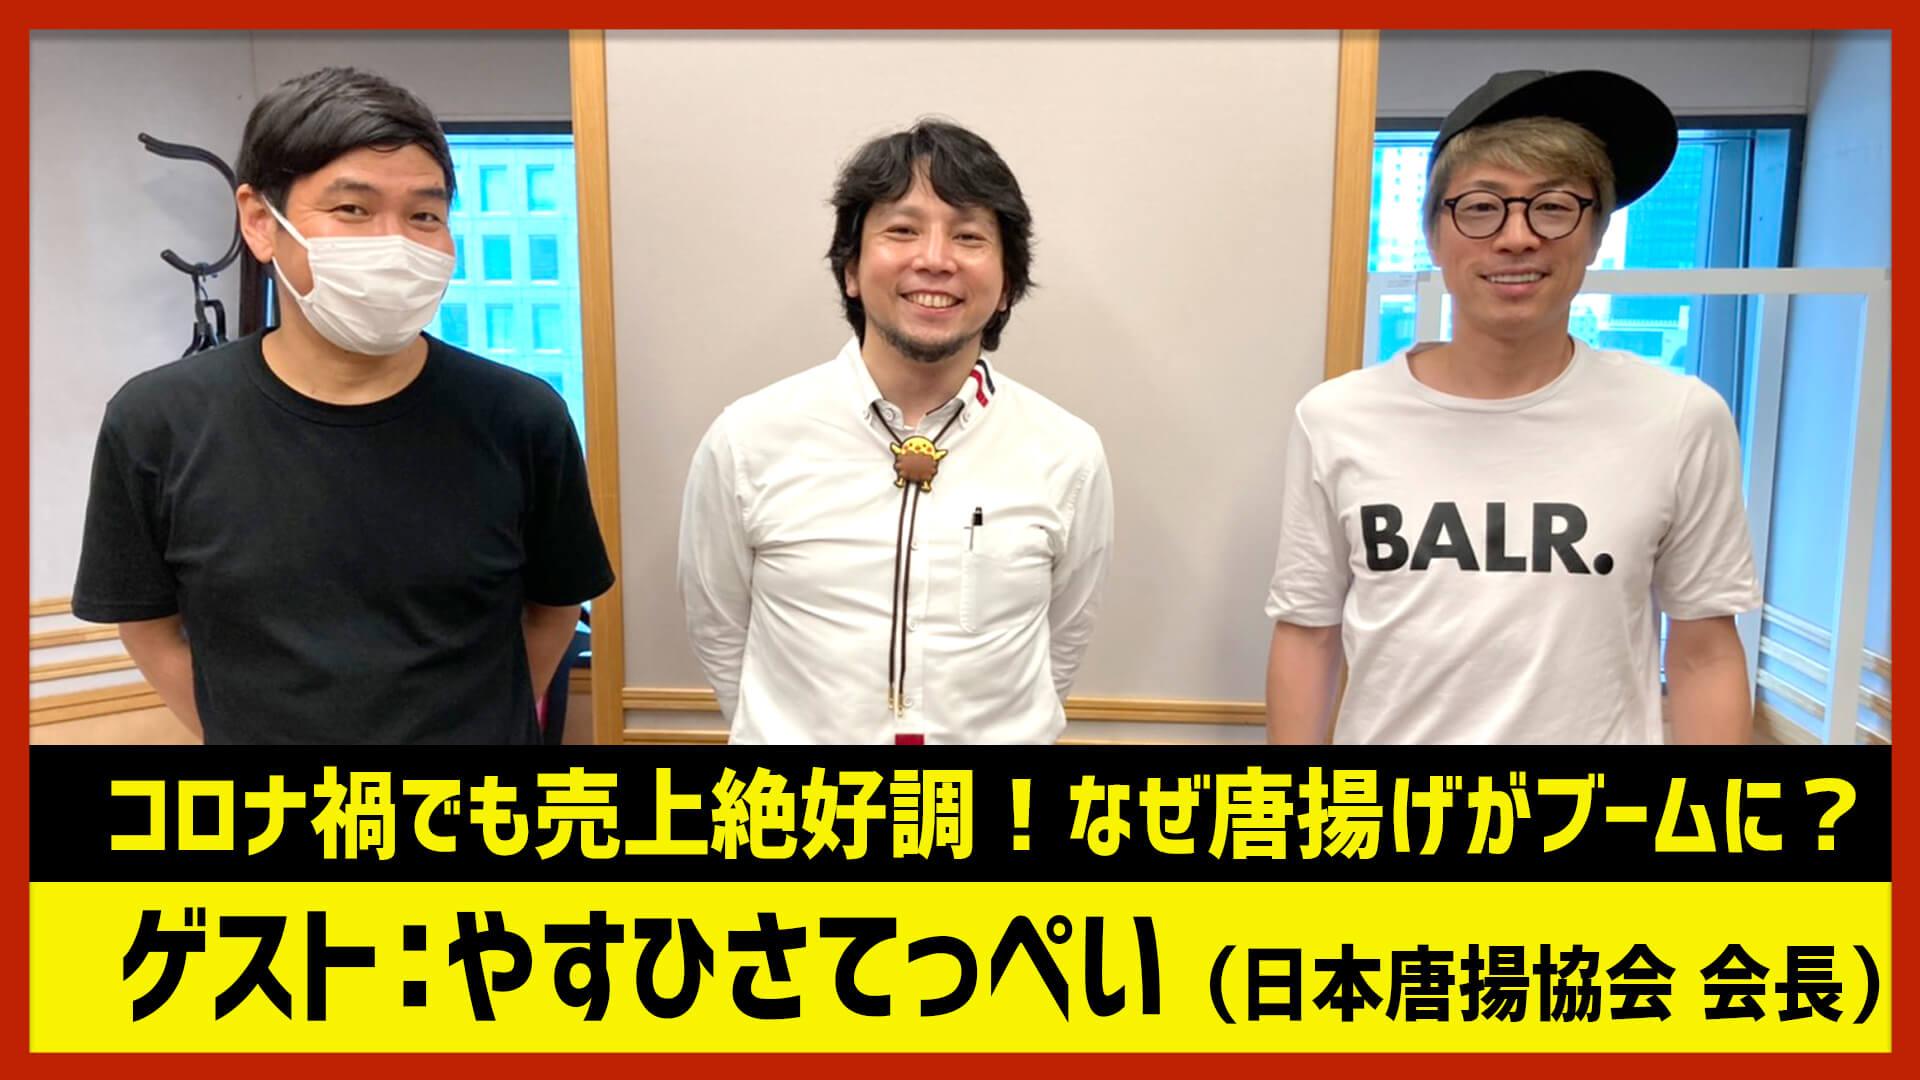 【田村淳のNewsCLUB】ゲスト: やすひさてっぺいさん(2021年6月5日後半)